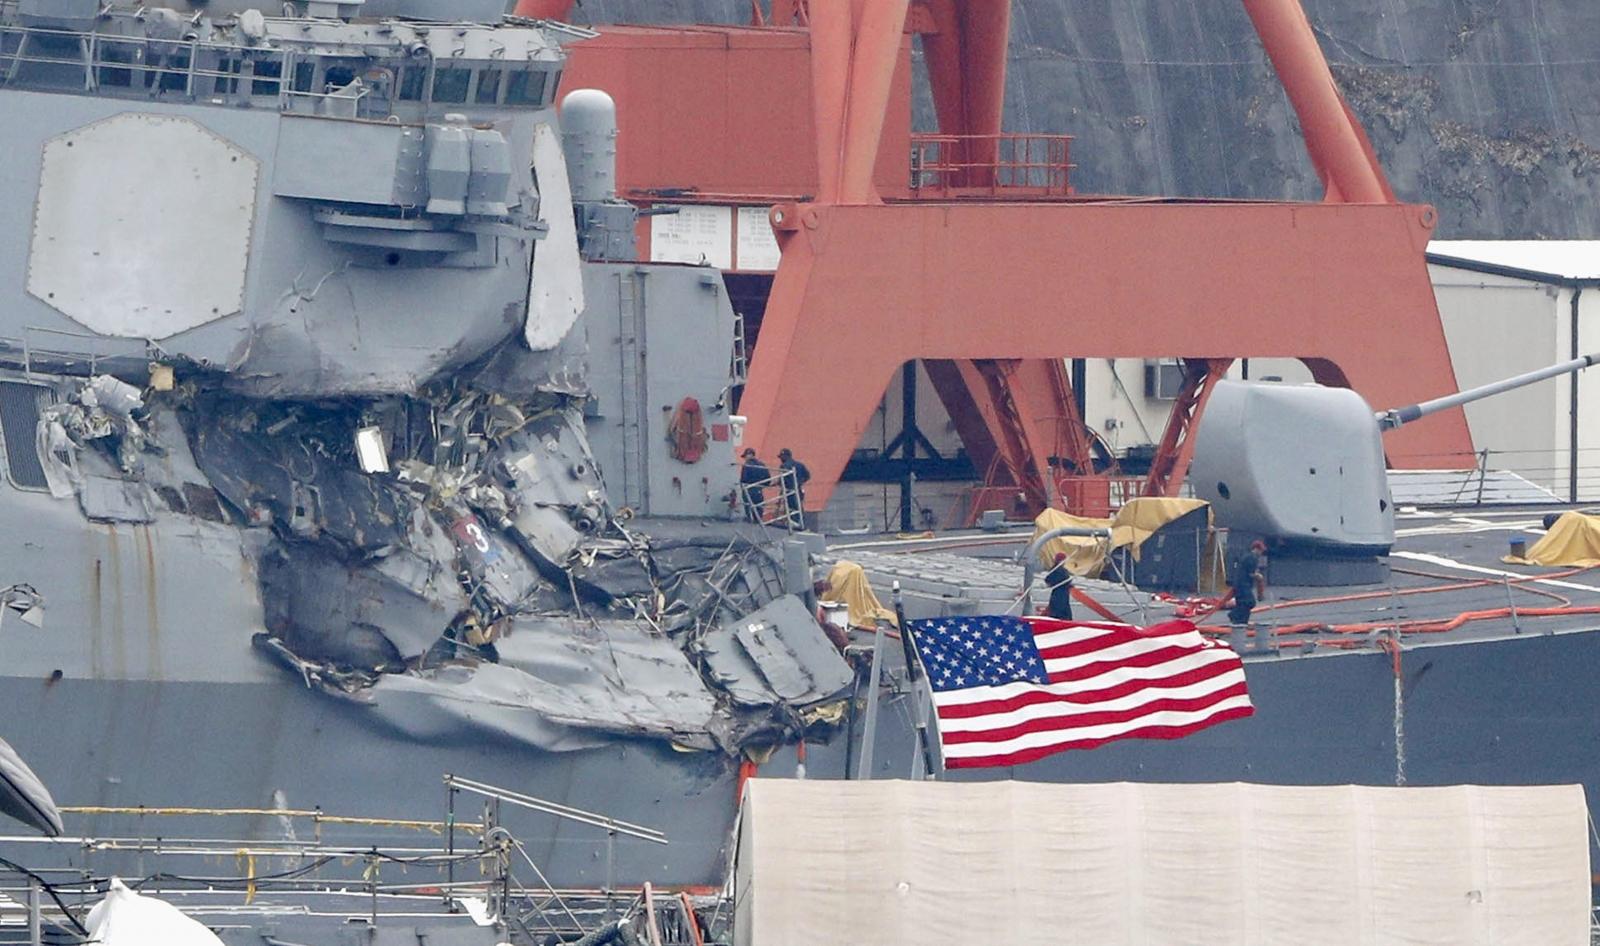 USS Fitzgerald Japan coast